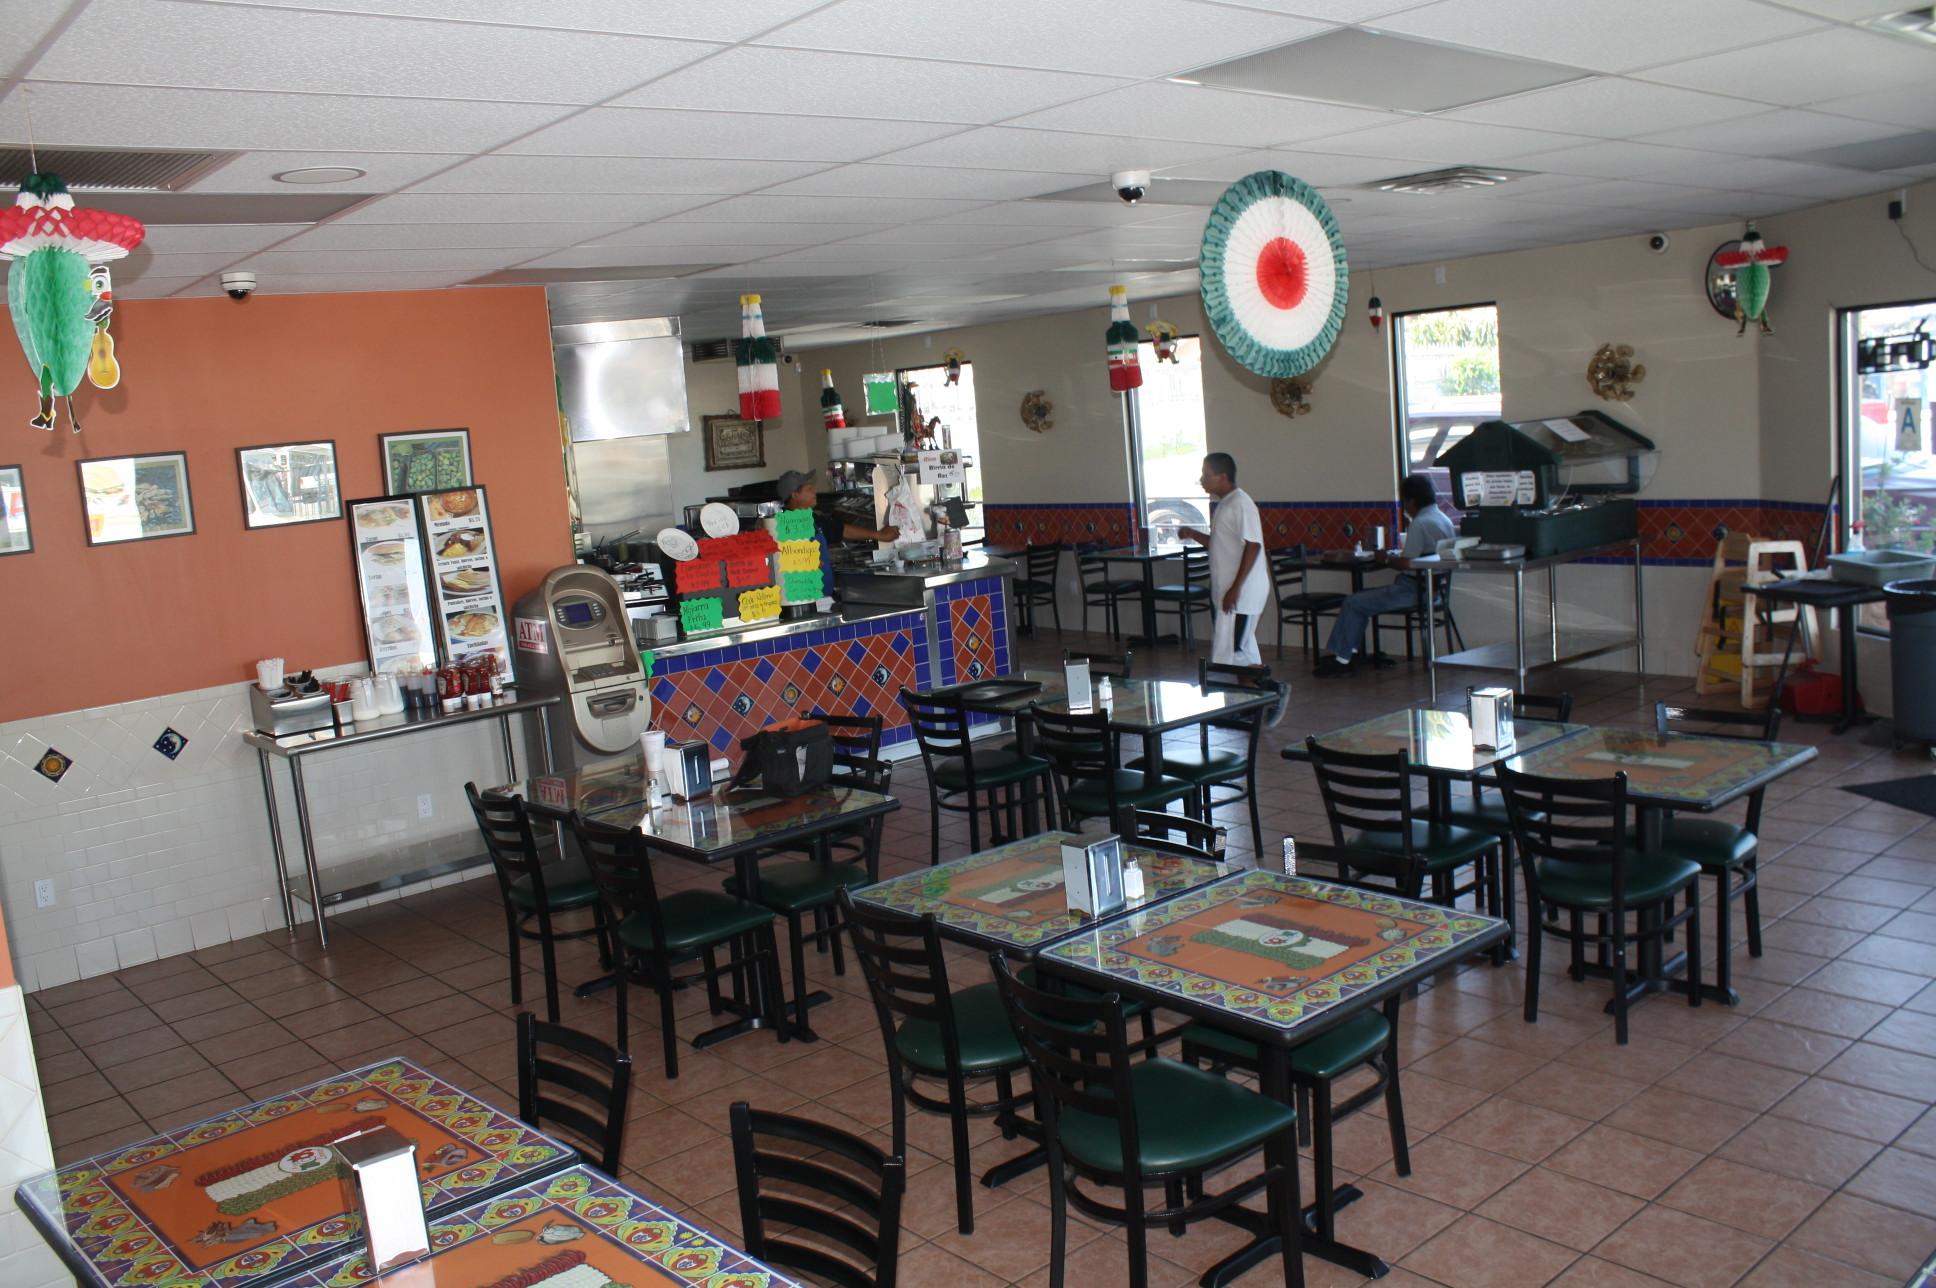 La ambiente del restaurante es tranquilo, atractivo y muy limpio (Foto Agustín Durán/El Pasajero)